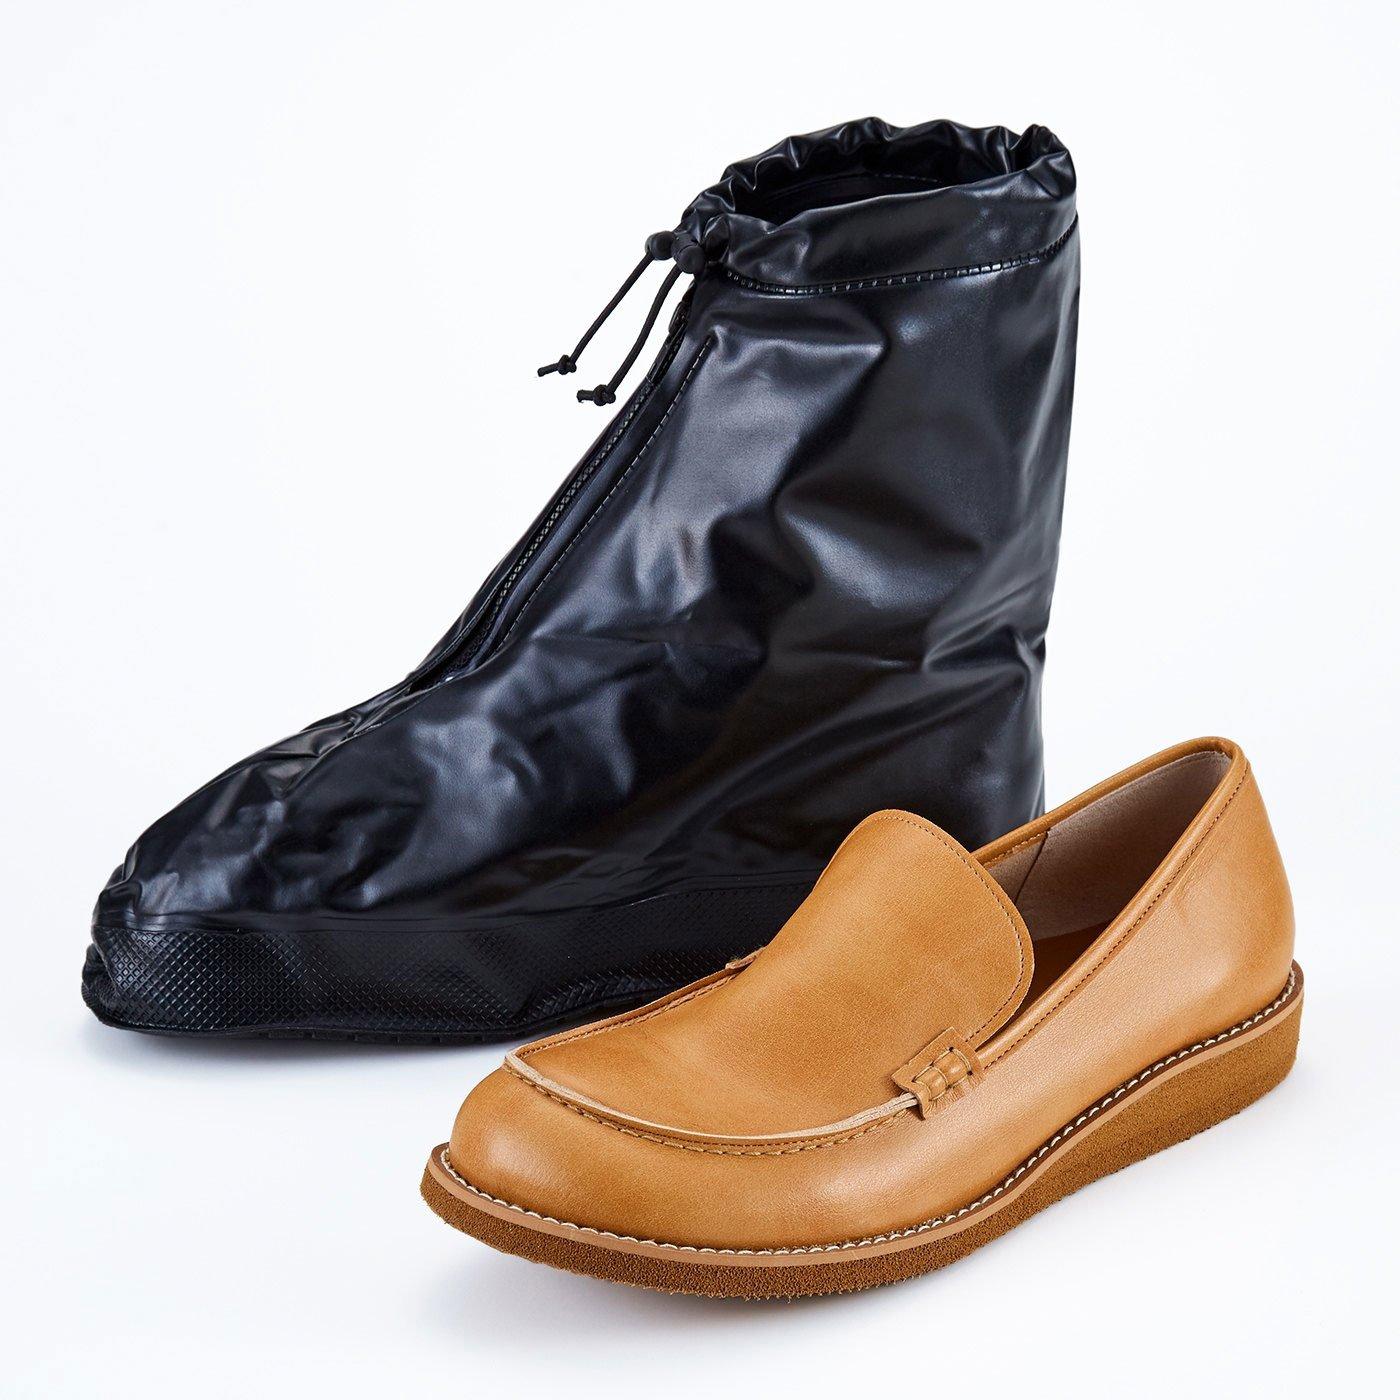 靴を雨や泥から守る たたんで持ち歩けるシューズレインカバー〈黒〉